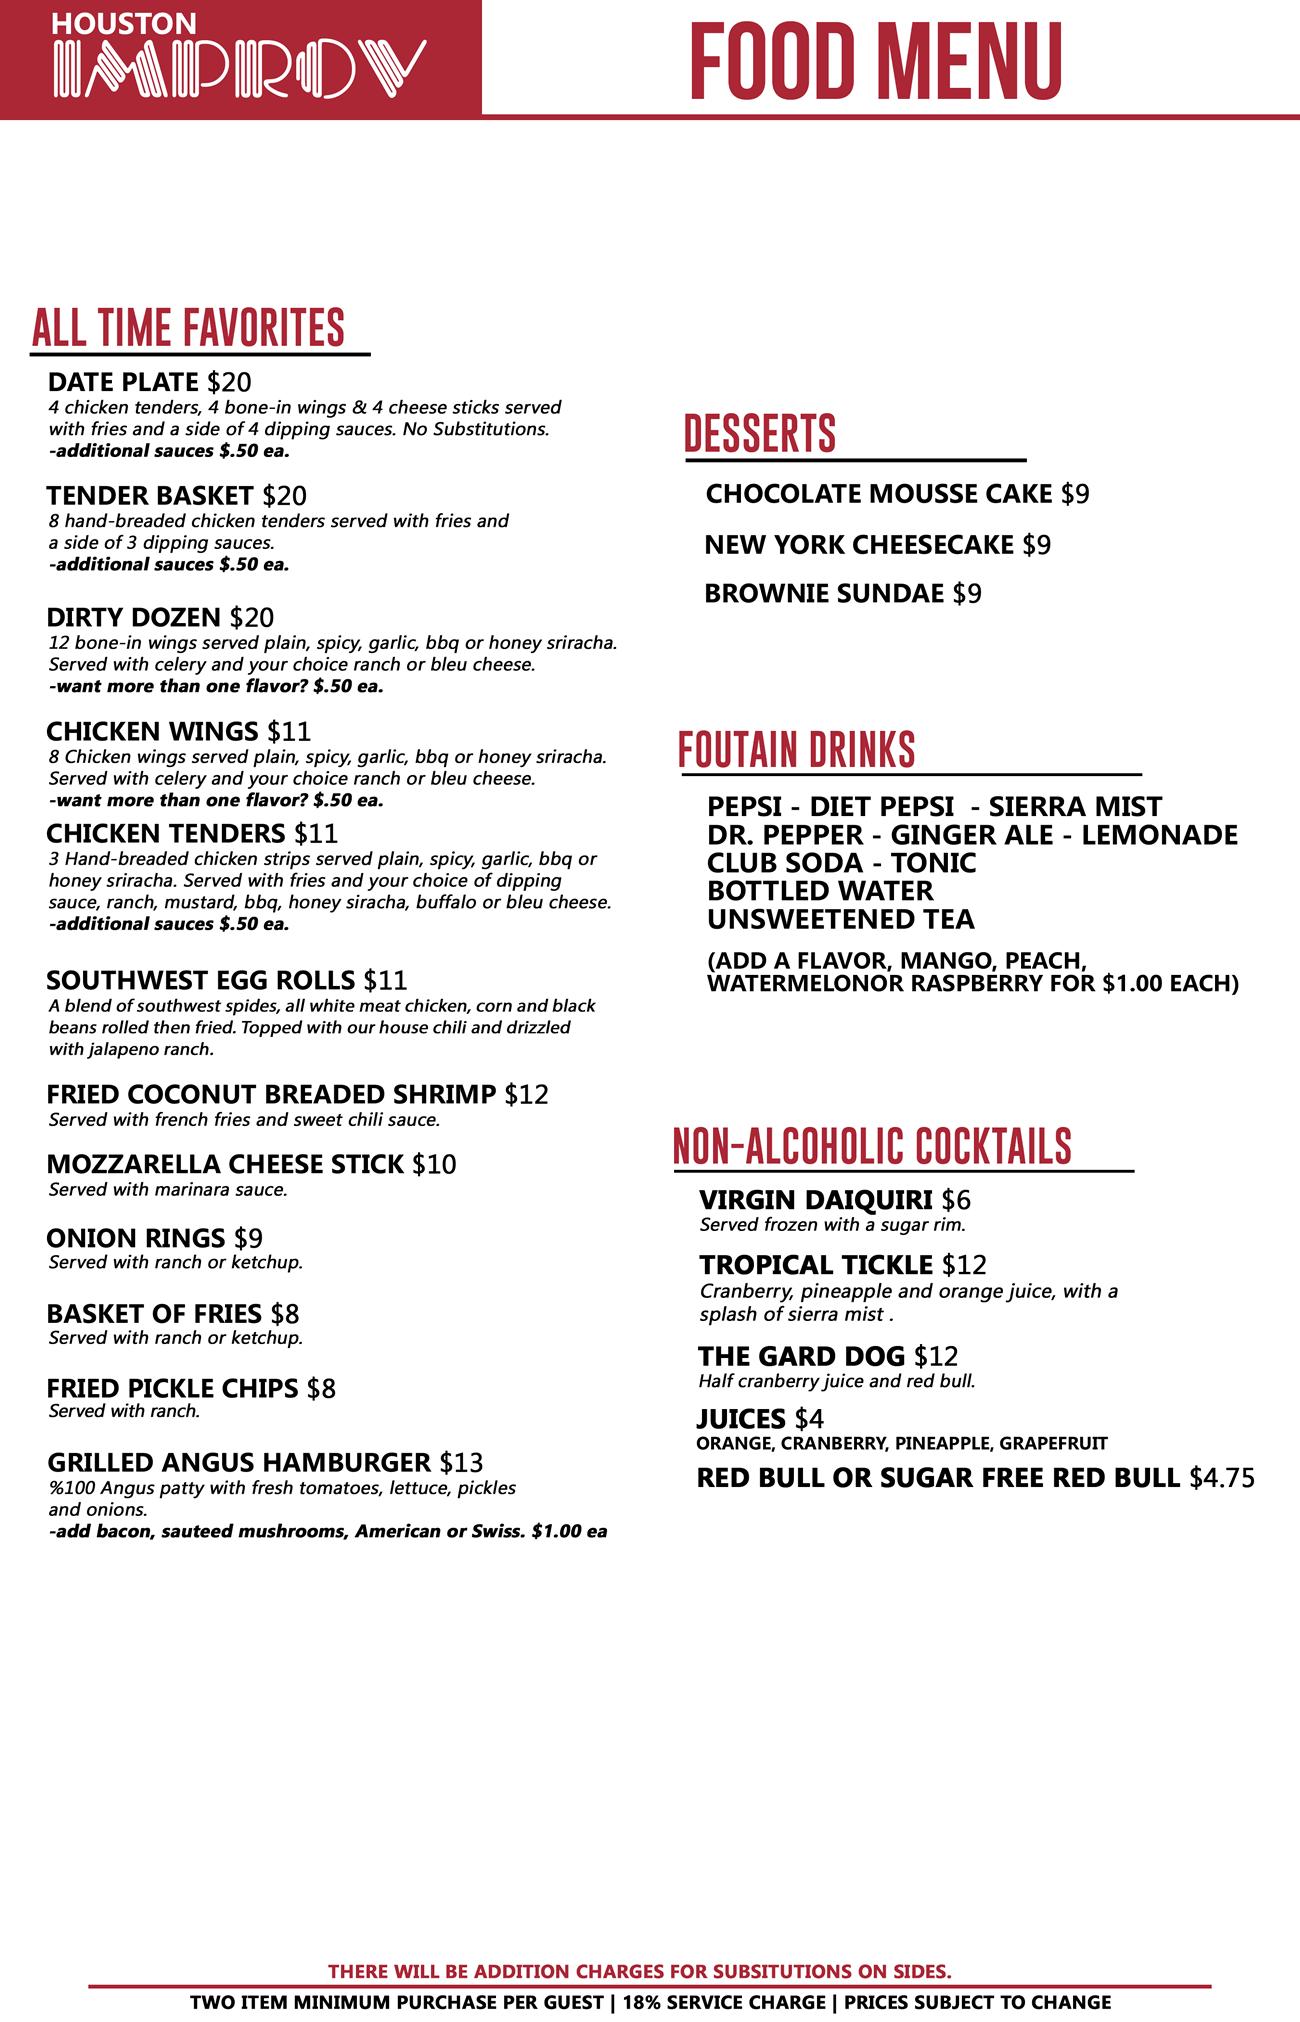 Houston Improv Food Menu